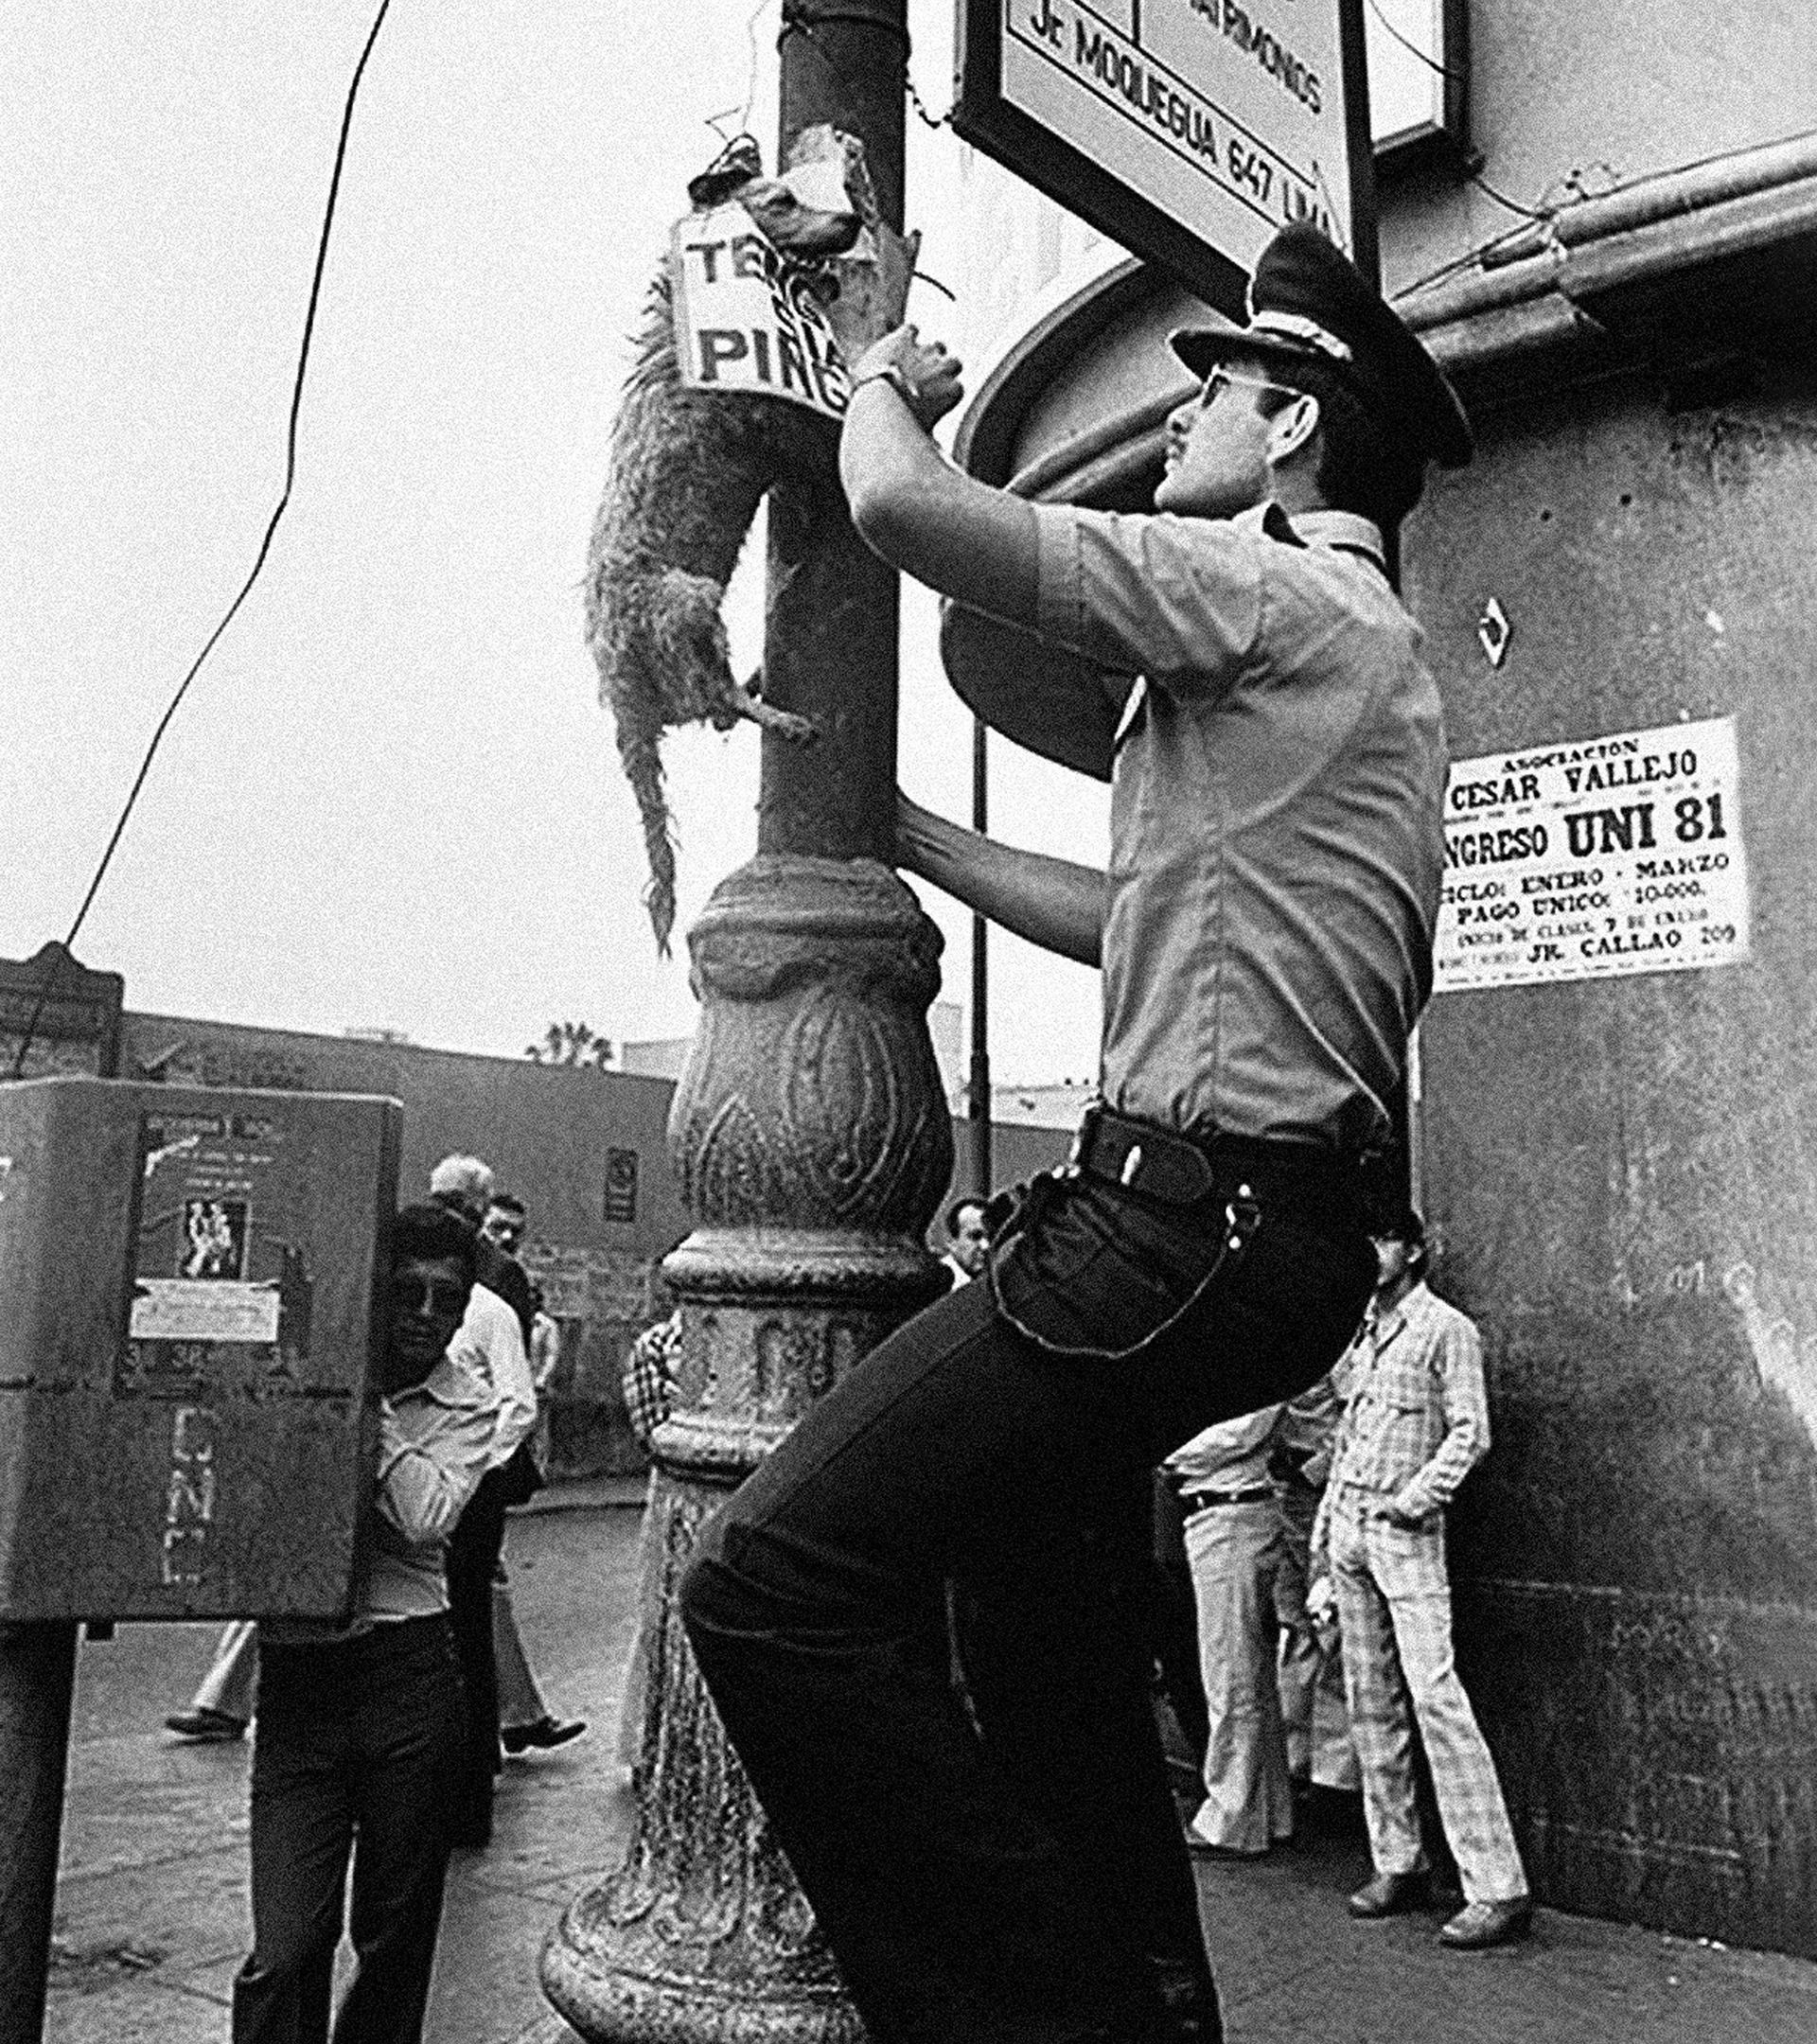 Los perros ahorcados por Sendero Luminoso en diciembre de 1980.